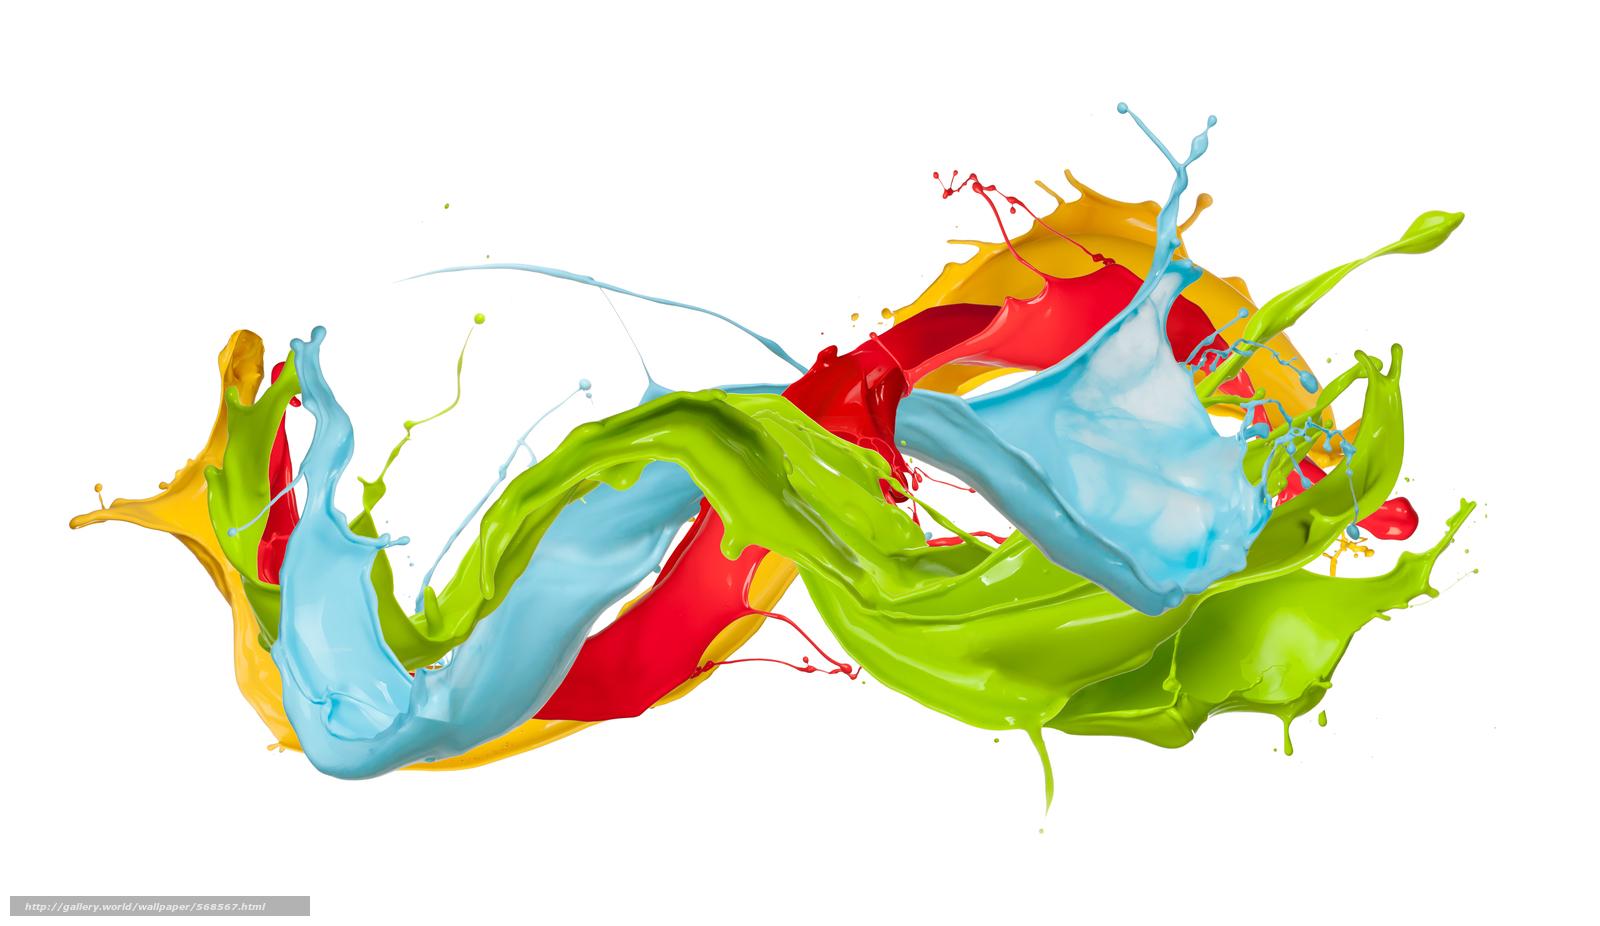 Descargar gratis gotas, Pintar, spray Fondos de escritorio en la resolucin 6500x3763 — imagen ...